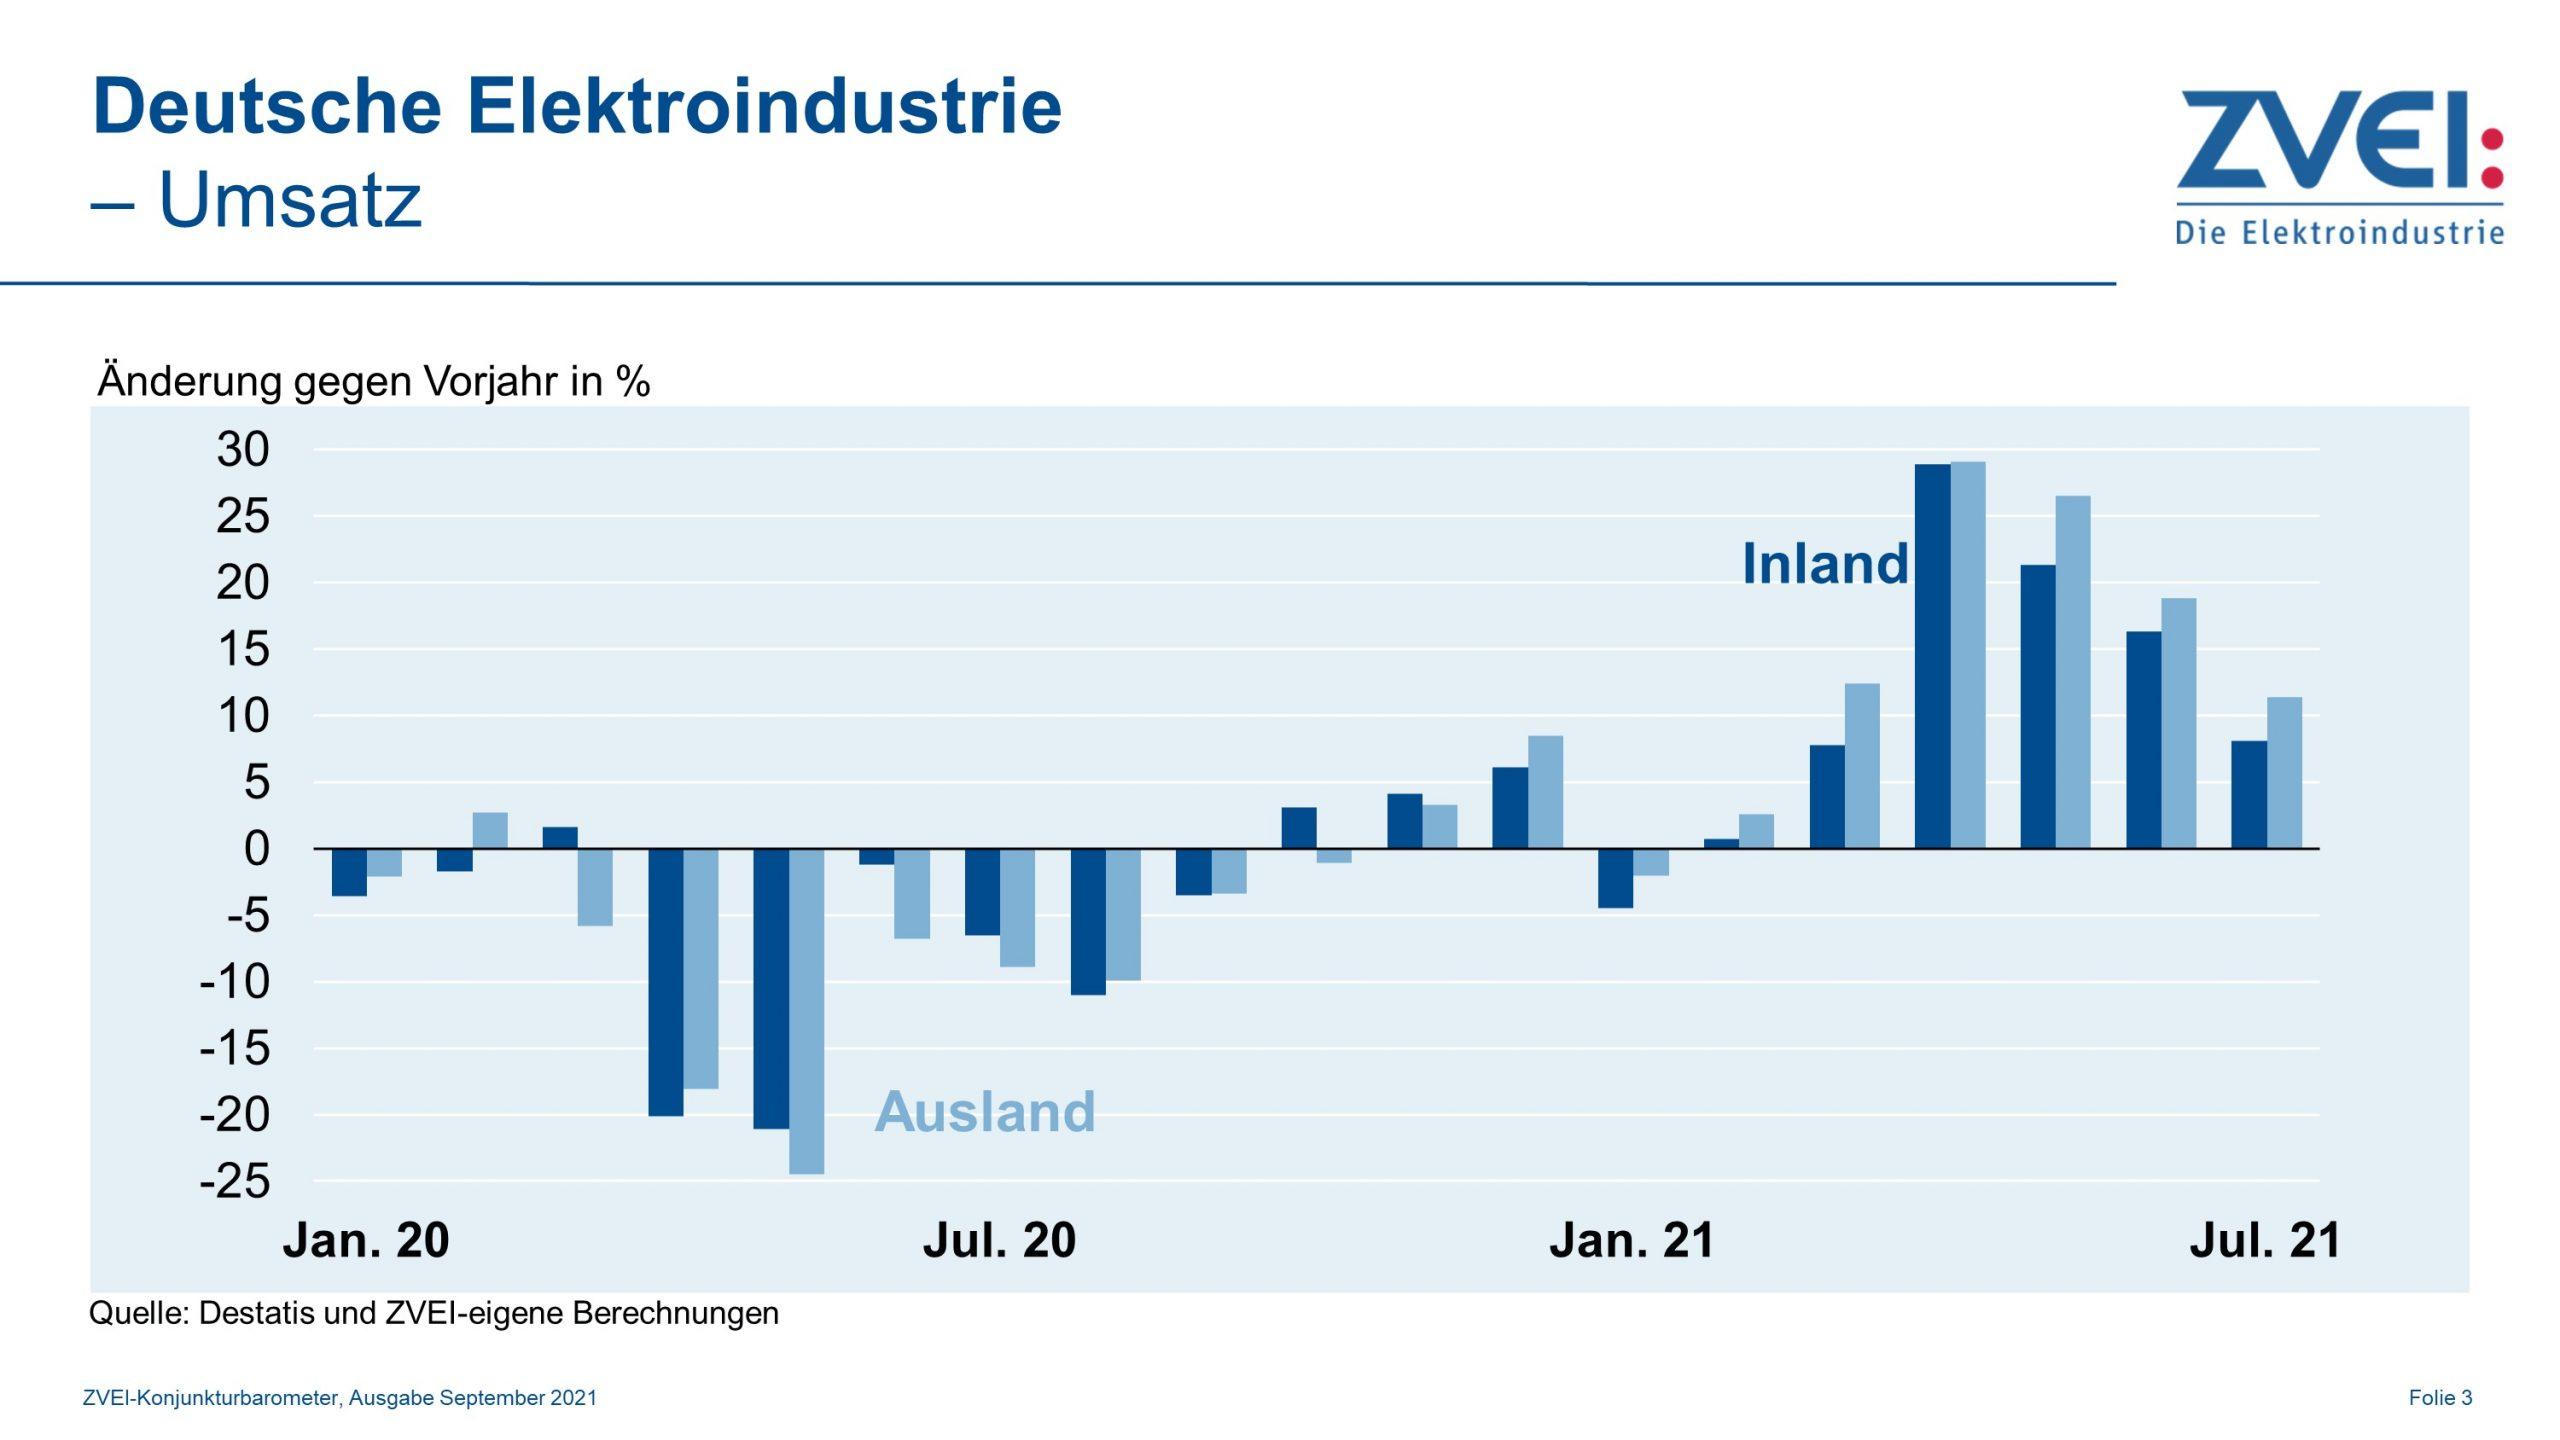 Umsatz in der deutschen Elektroindustrie von Januar bis Juli